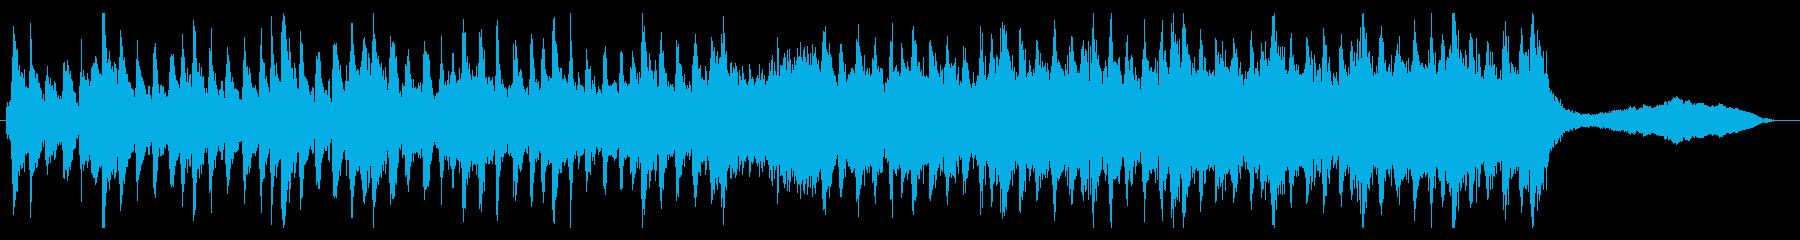 ボス戦BGMのような重厚シンフォニックの再生済みの波形